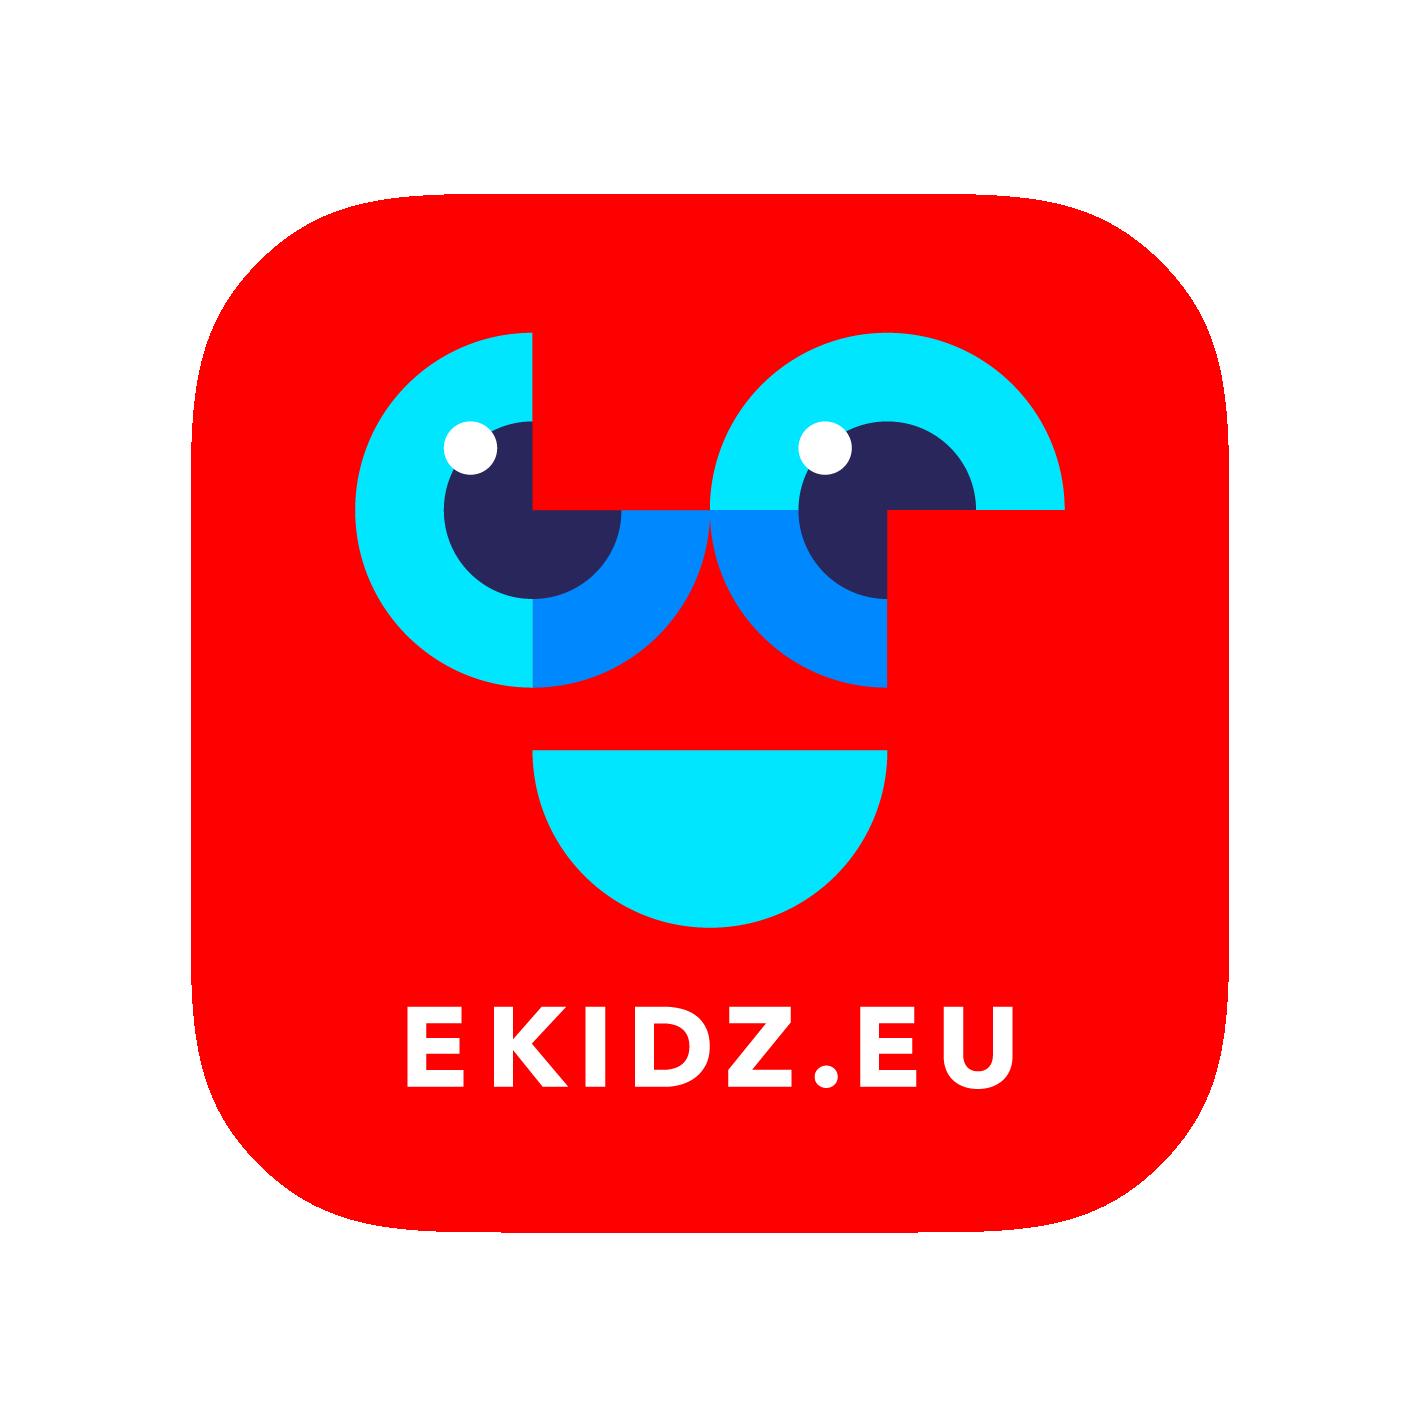 ekidz-ek_red-1+_300dpi